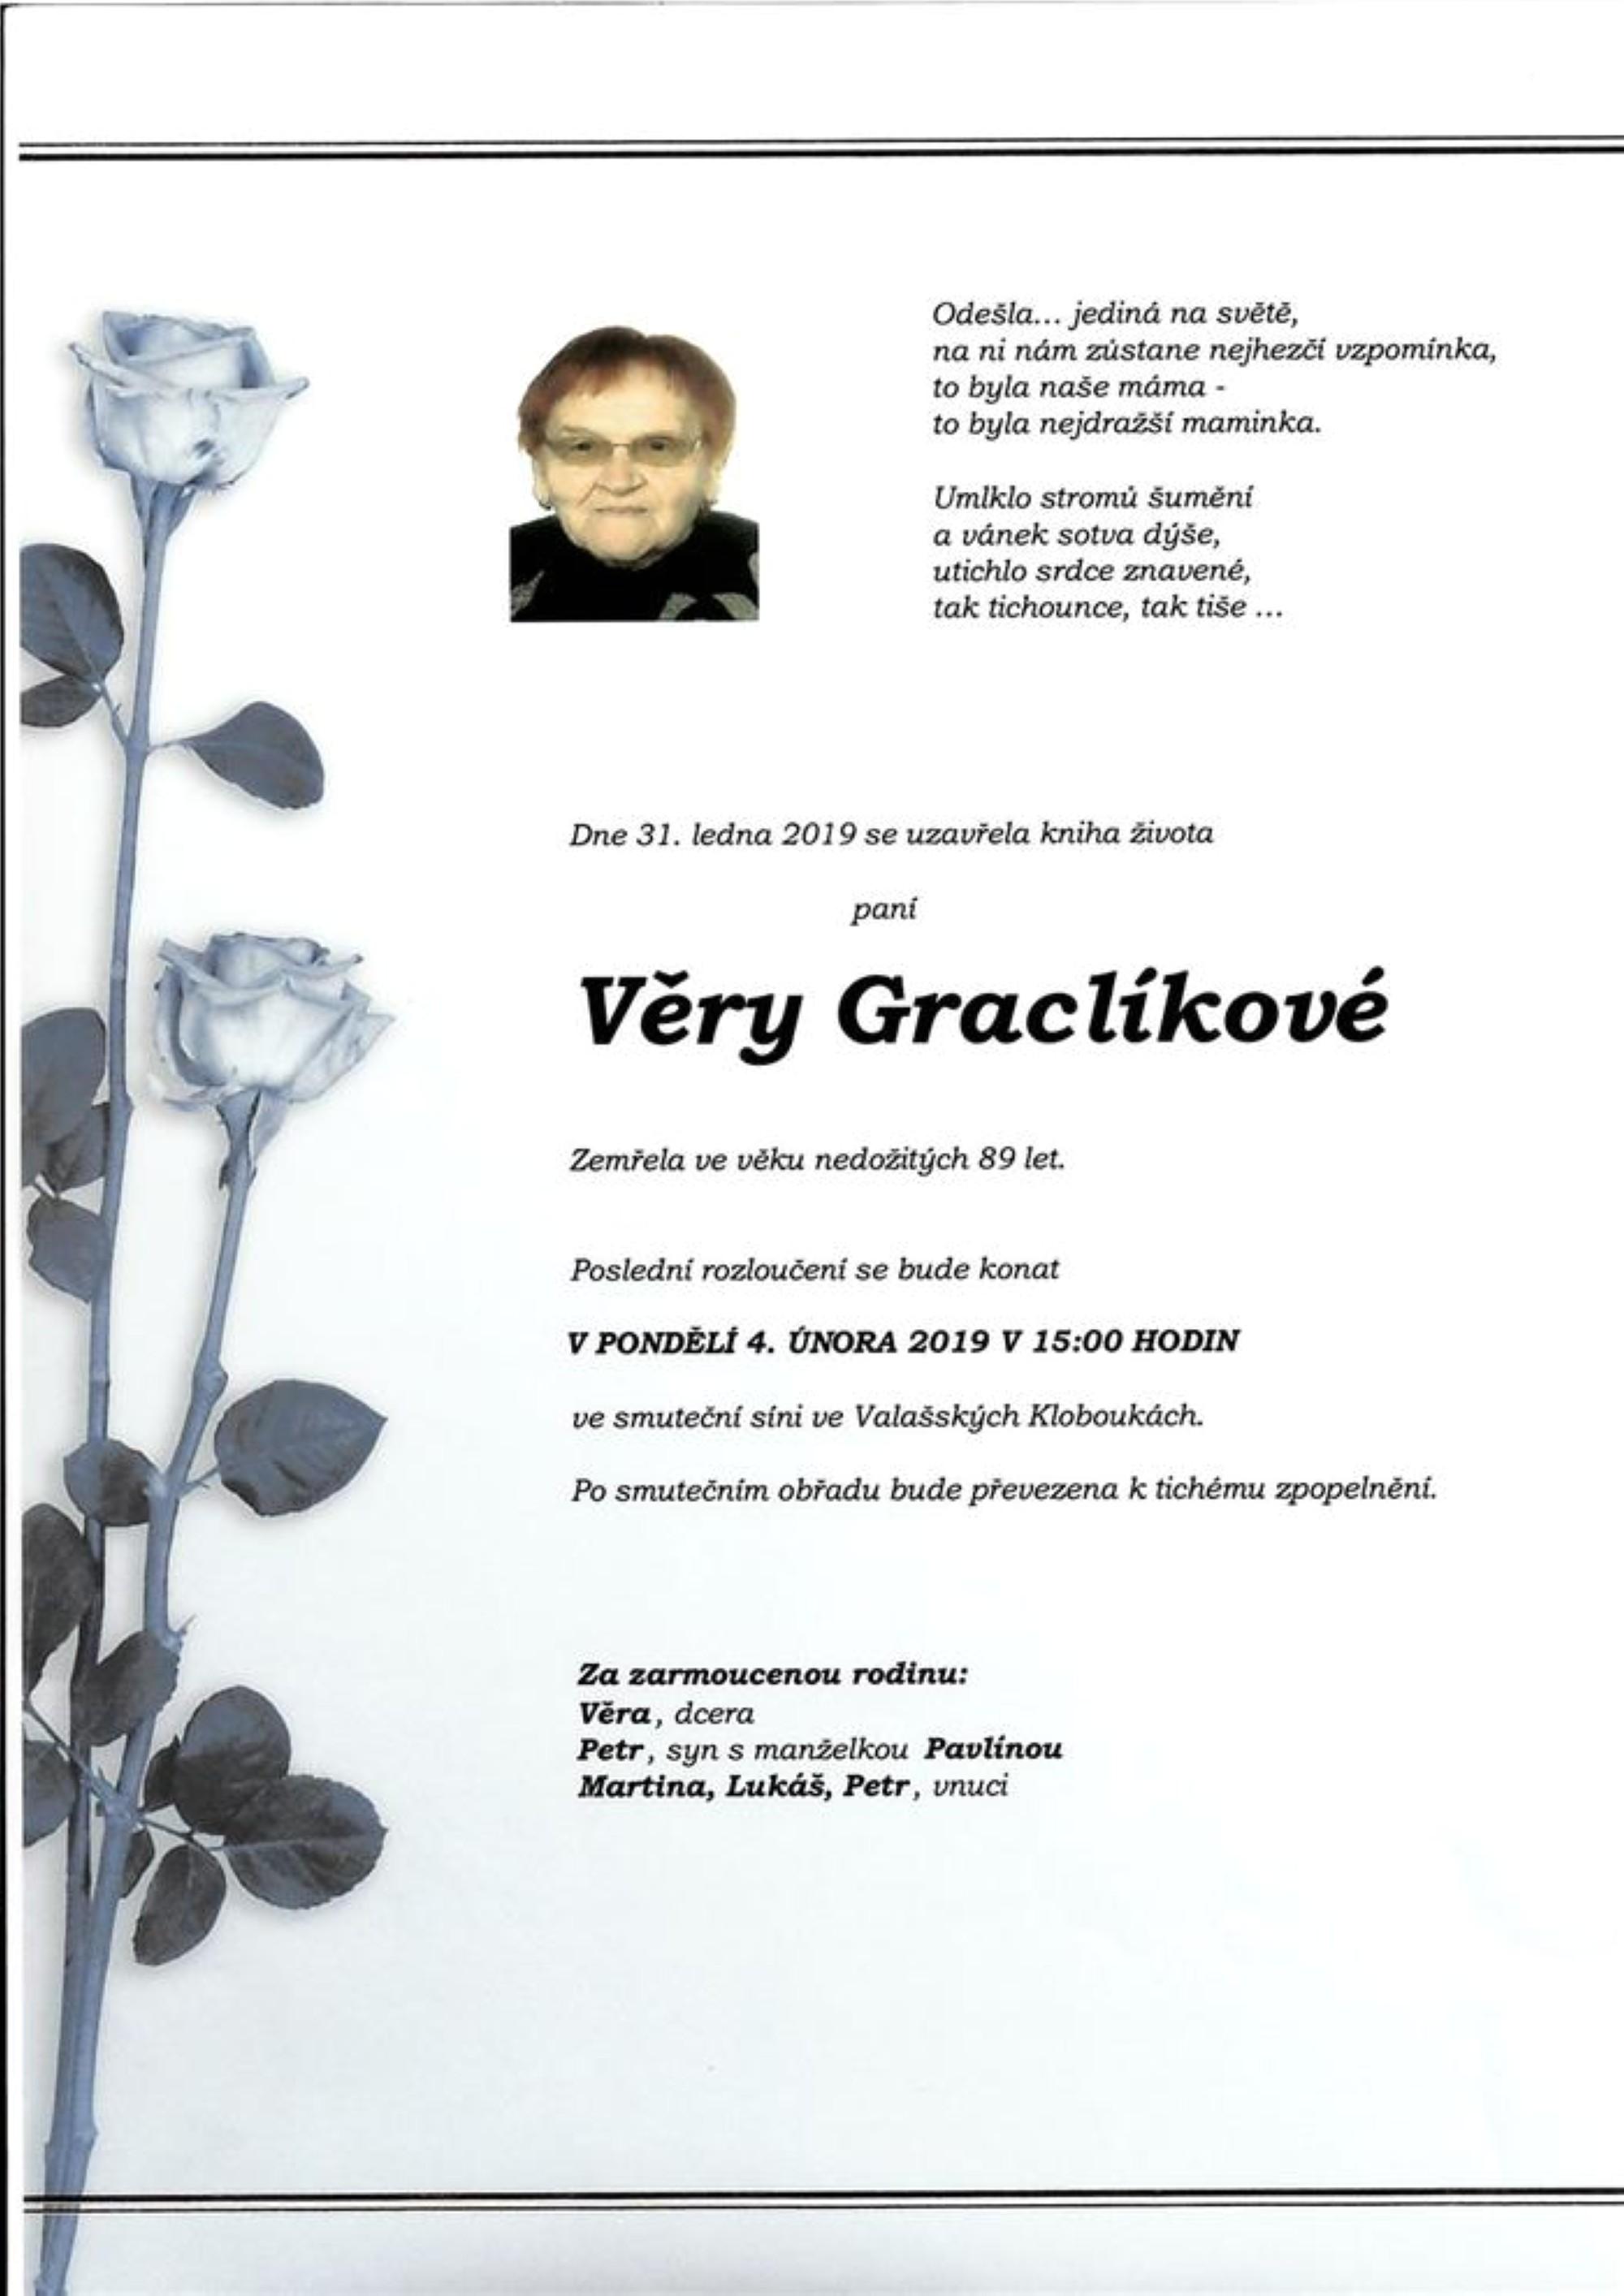 Věra Graclíková